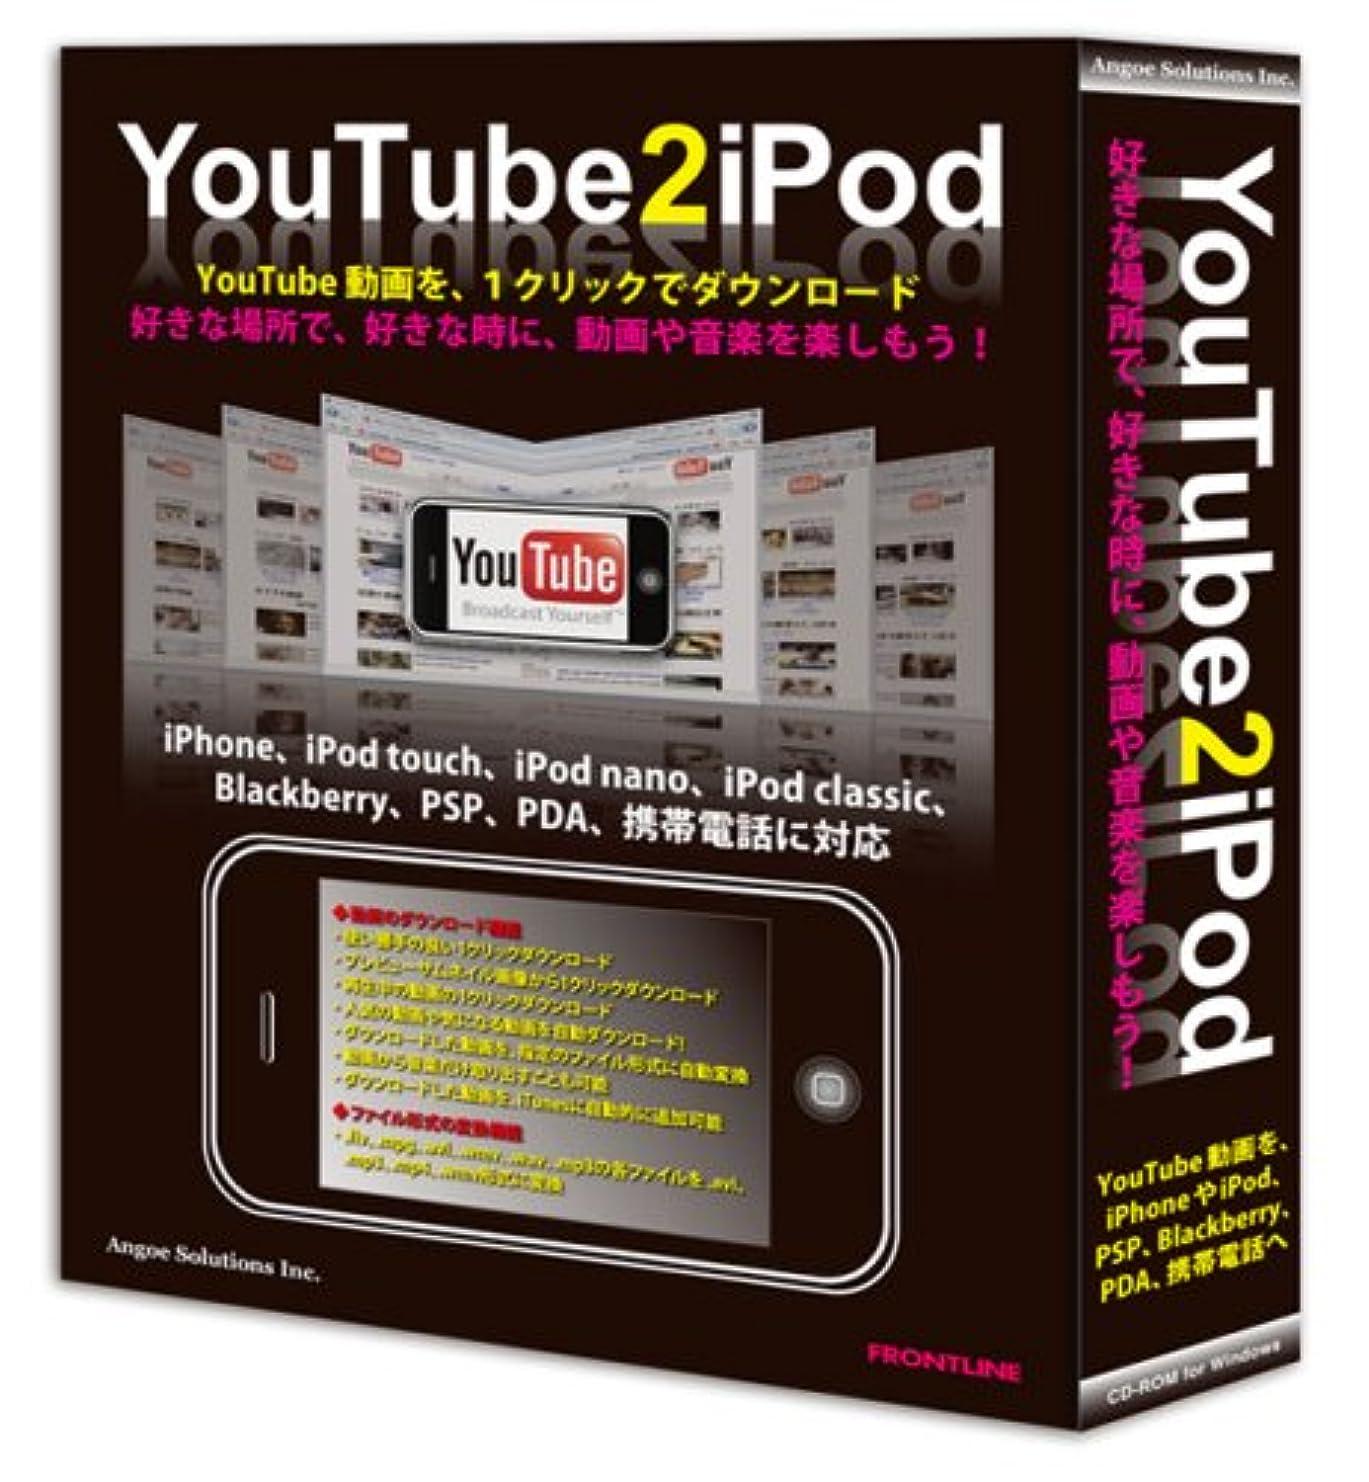 YouTube2iPod